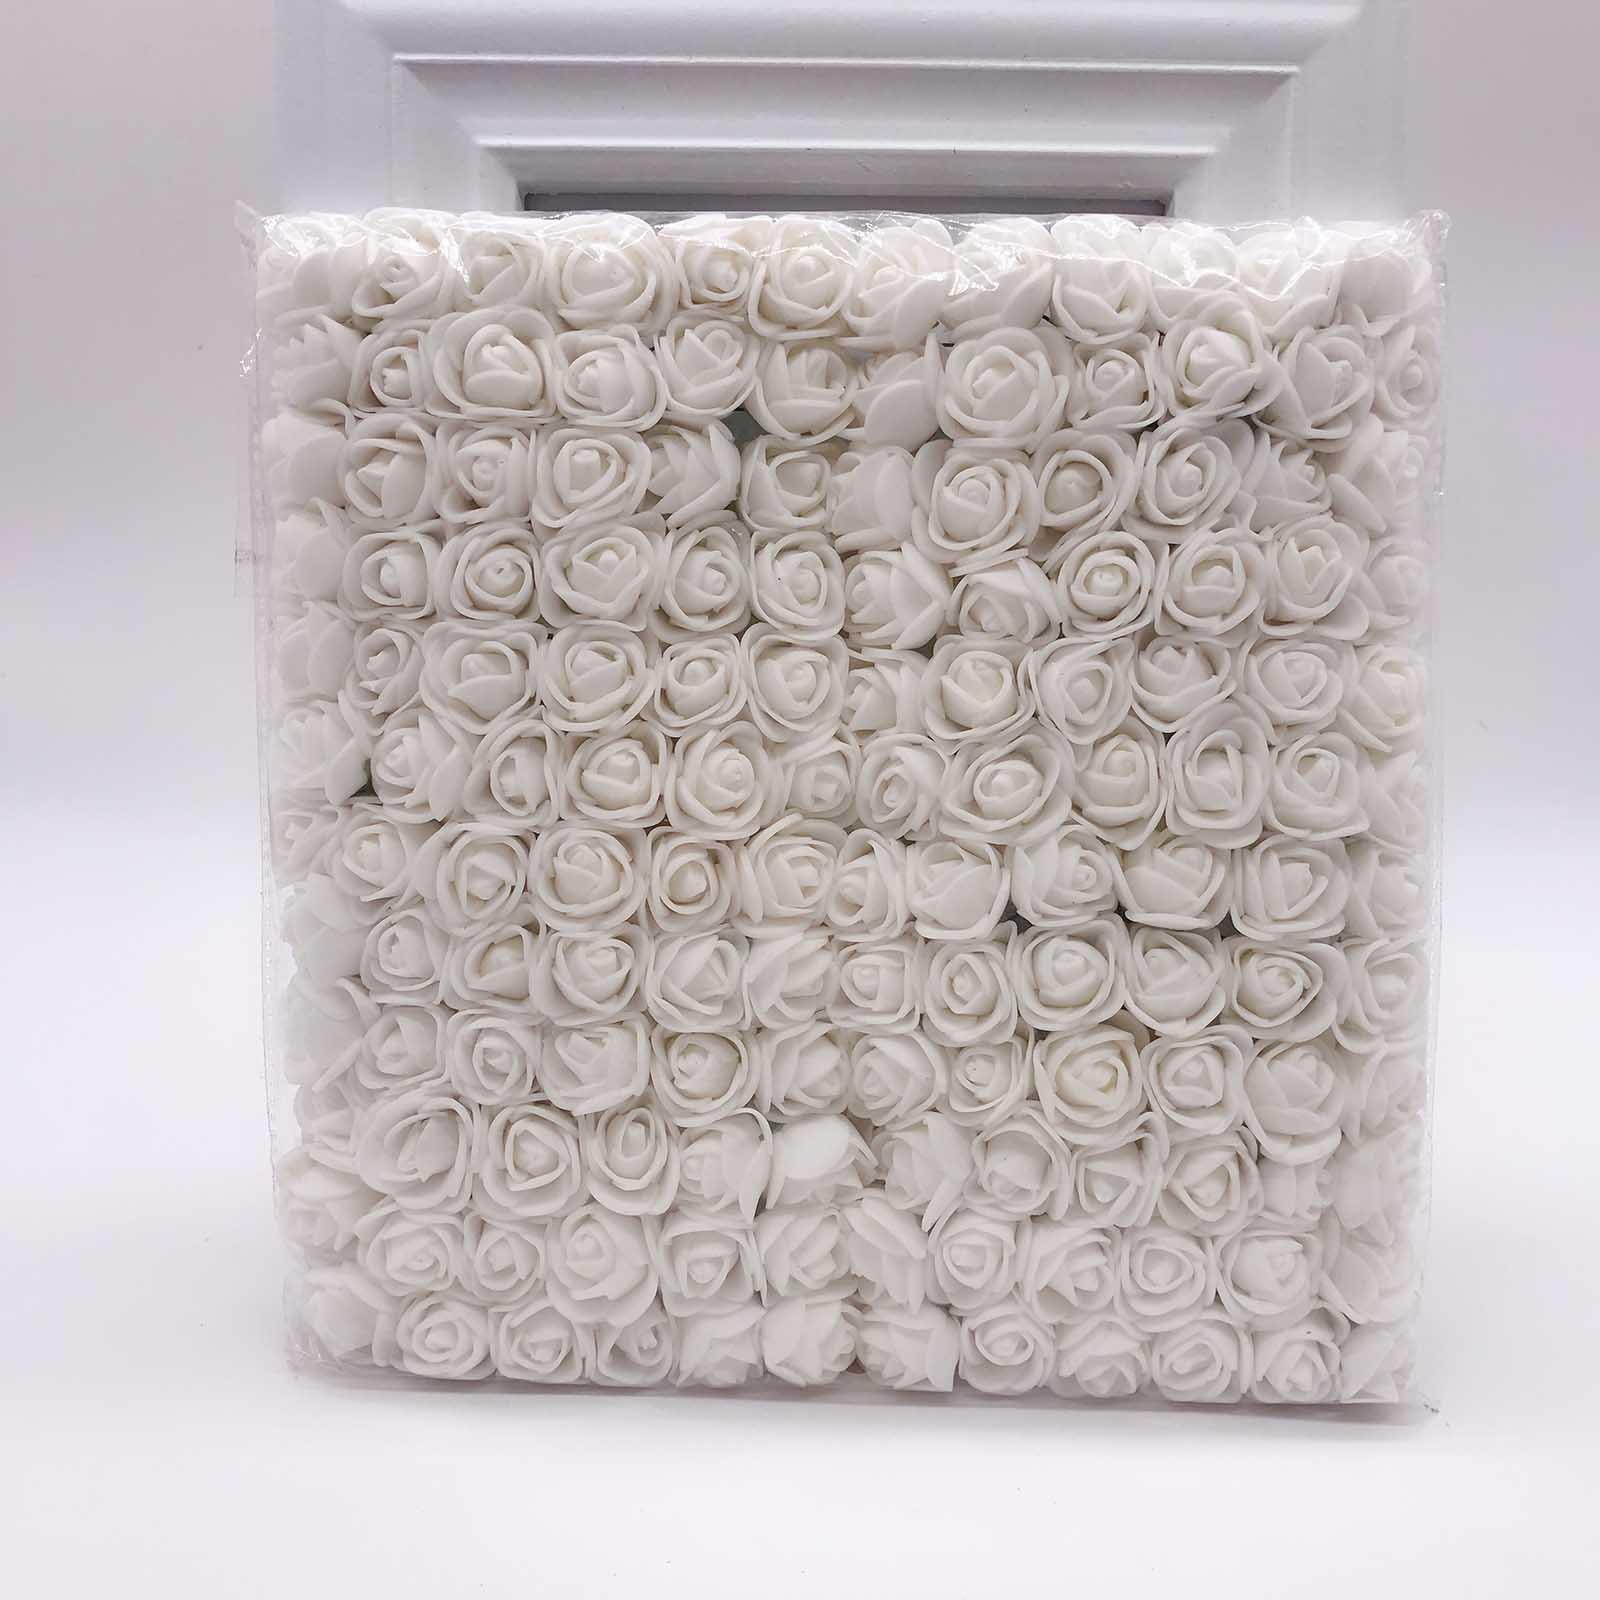 144 шт 2 см мини-розы из пенопласта для дома, свадьбы, искусственные цветы, декорация для скрапбукинга, сделай сам, венок, Подарочная коробка, дешевый искусственный цветок, букет - Цвет: white